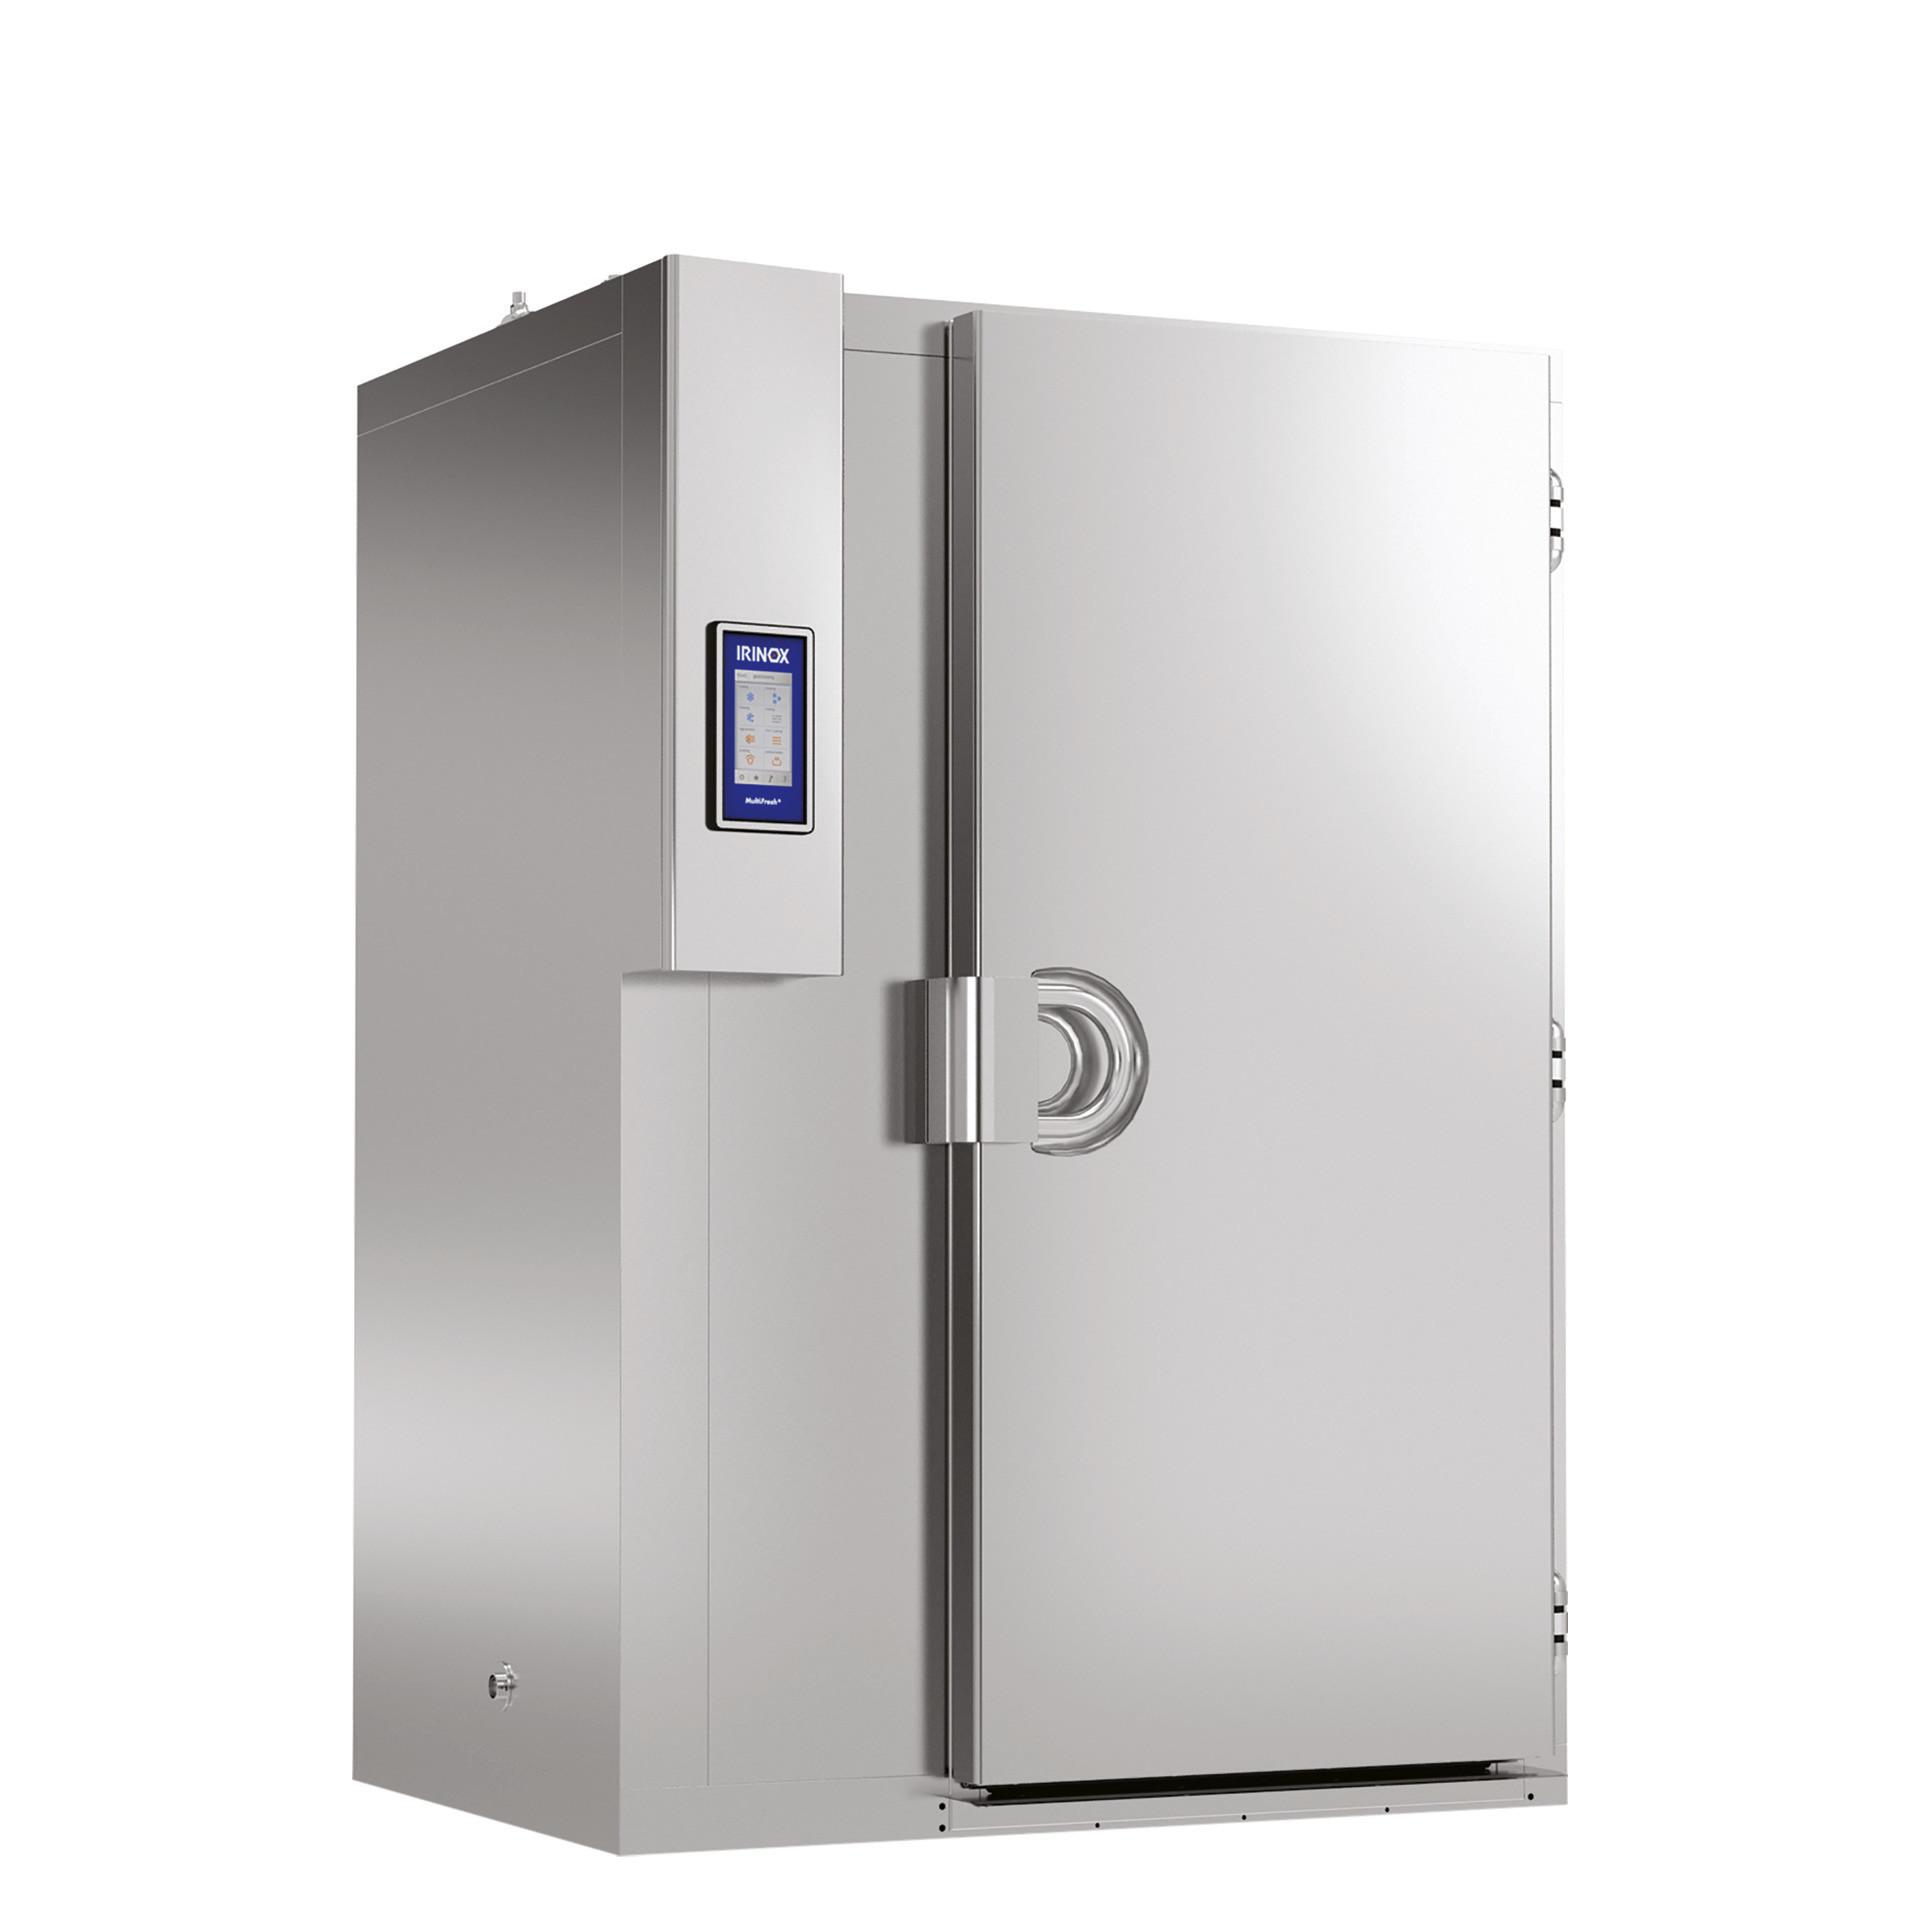 Schnellkühler / Schockfroster 20 x GN 2/1 / luftgekühlt / Leistung 130,00 kg